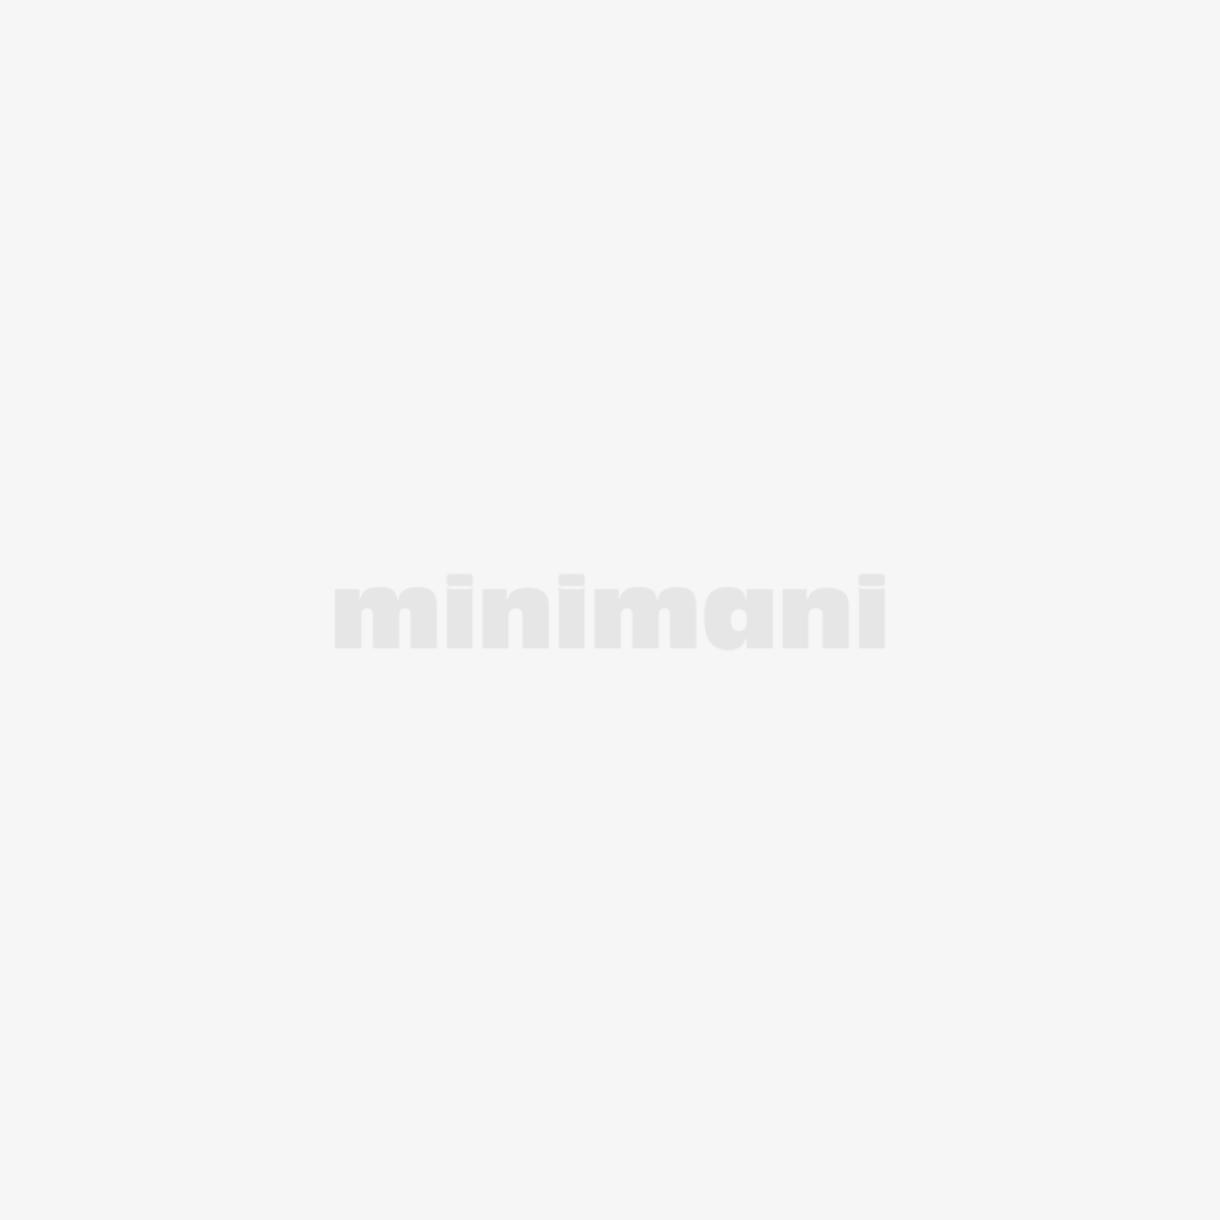 TY PEGASUS - WHITE UNICORN CLIP